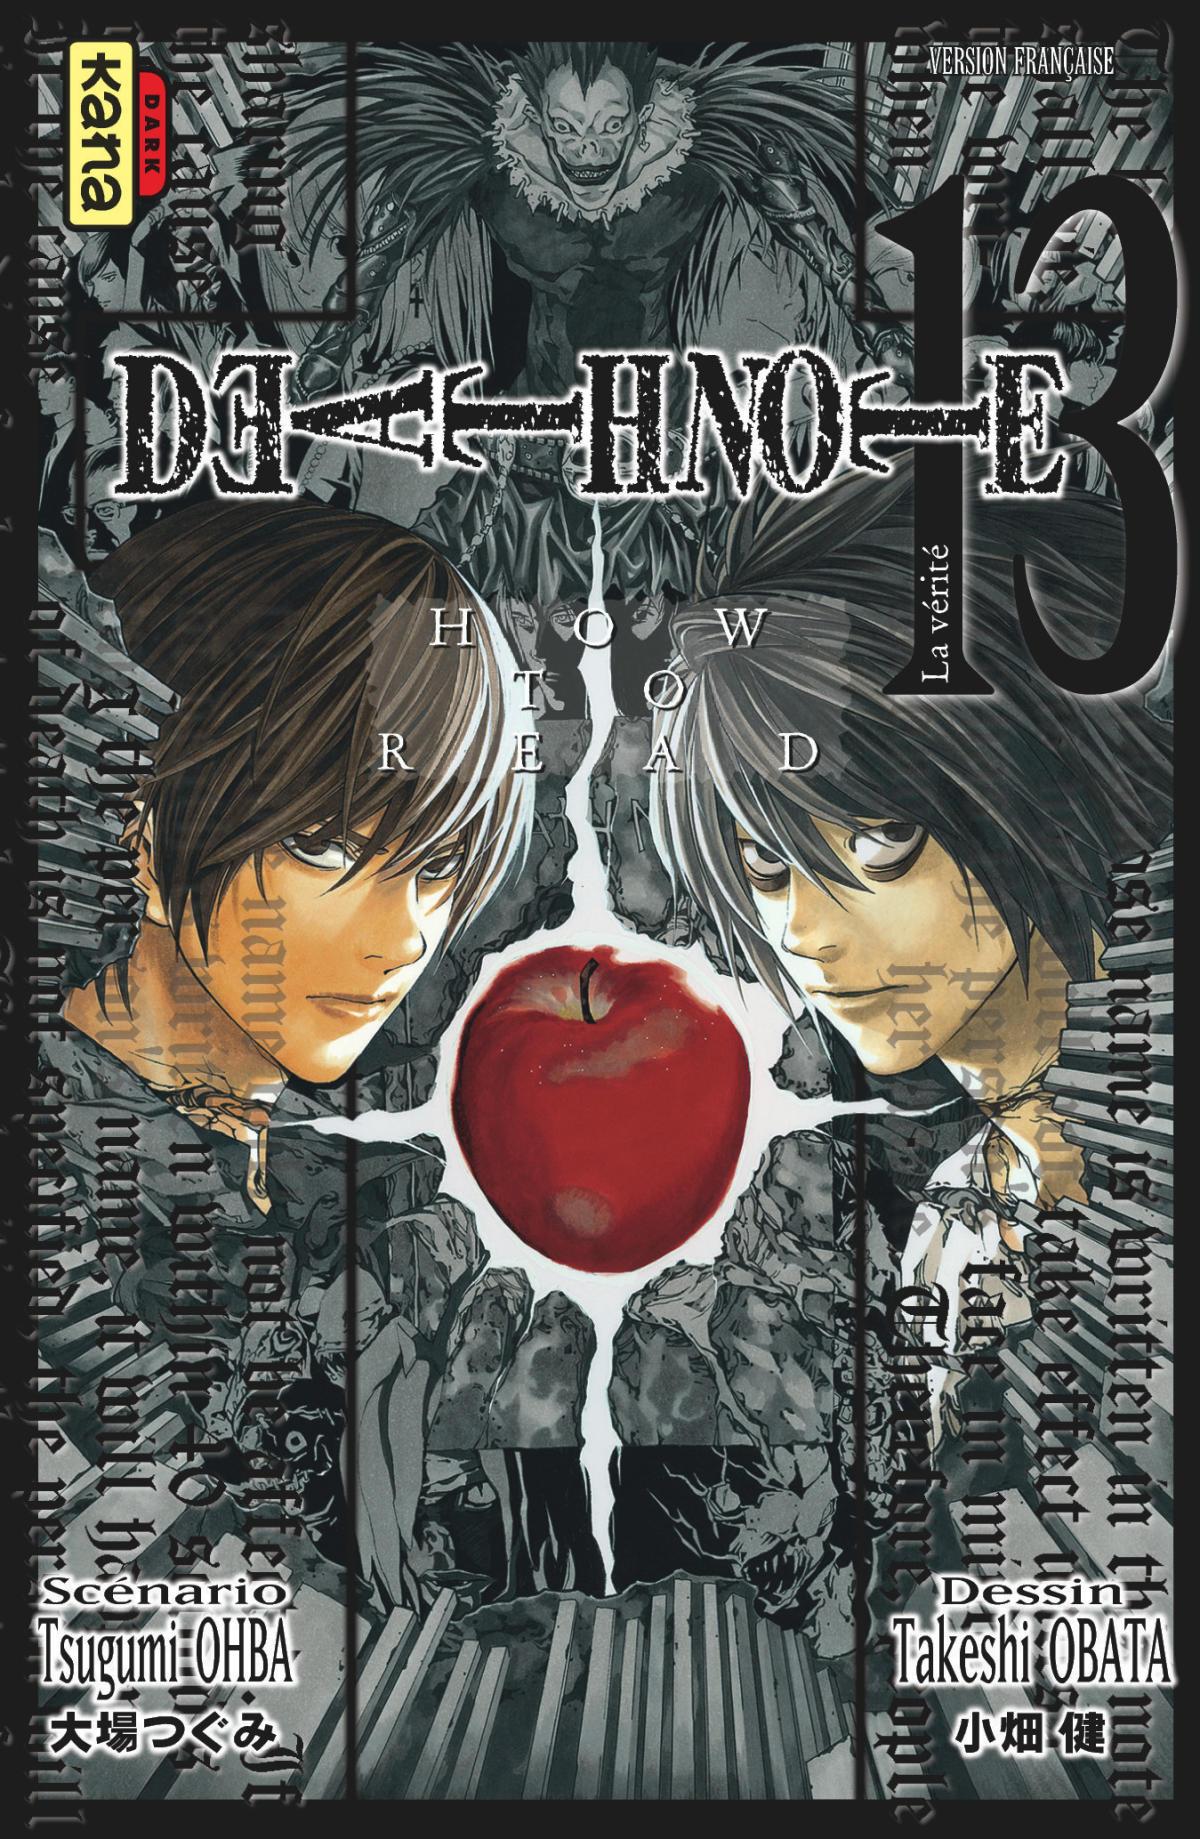 Le tome13 de «Death Note» est une nouvelle sur les deux personnages principaux.